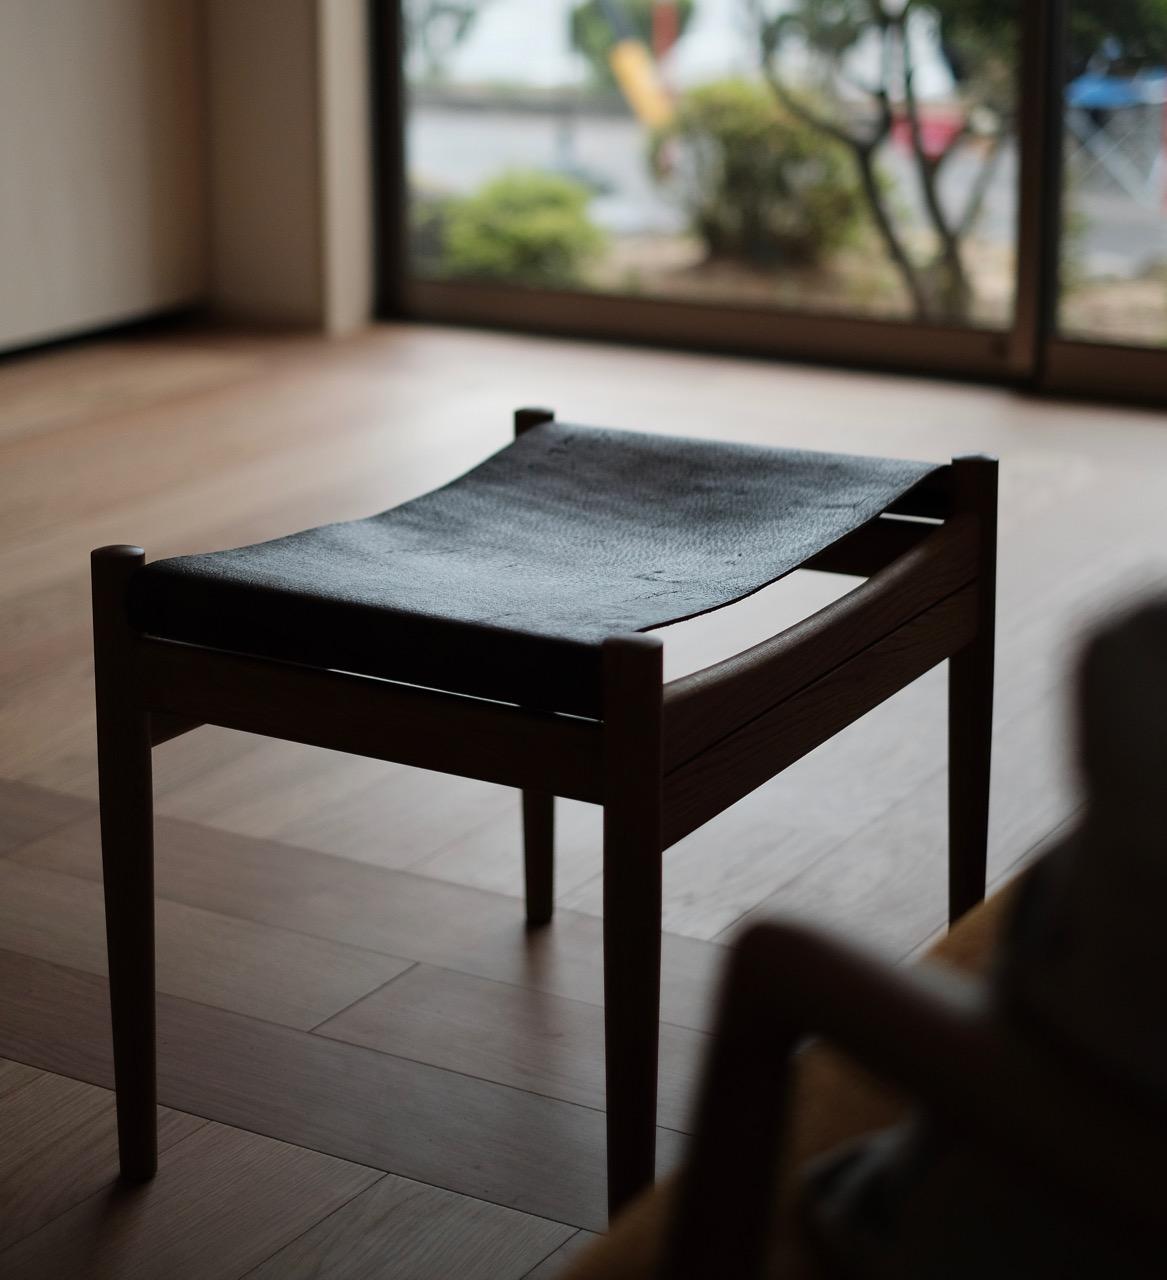 Boar stool 展示のお知らせ